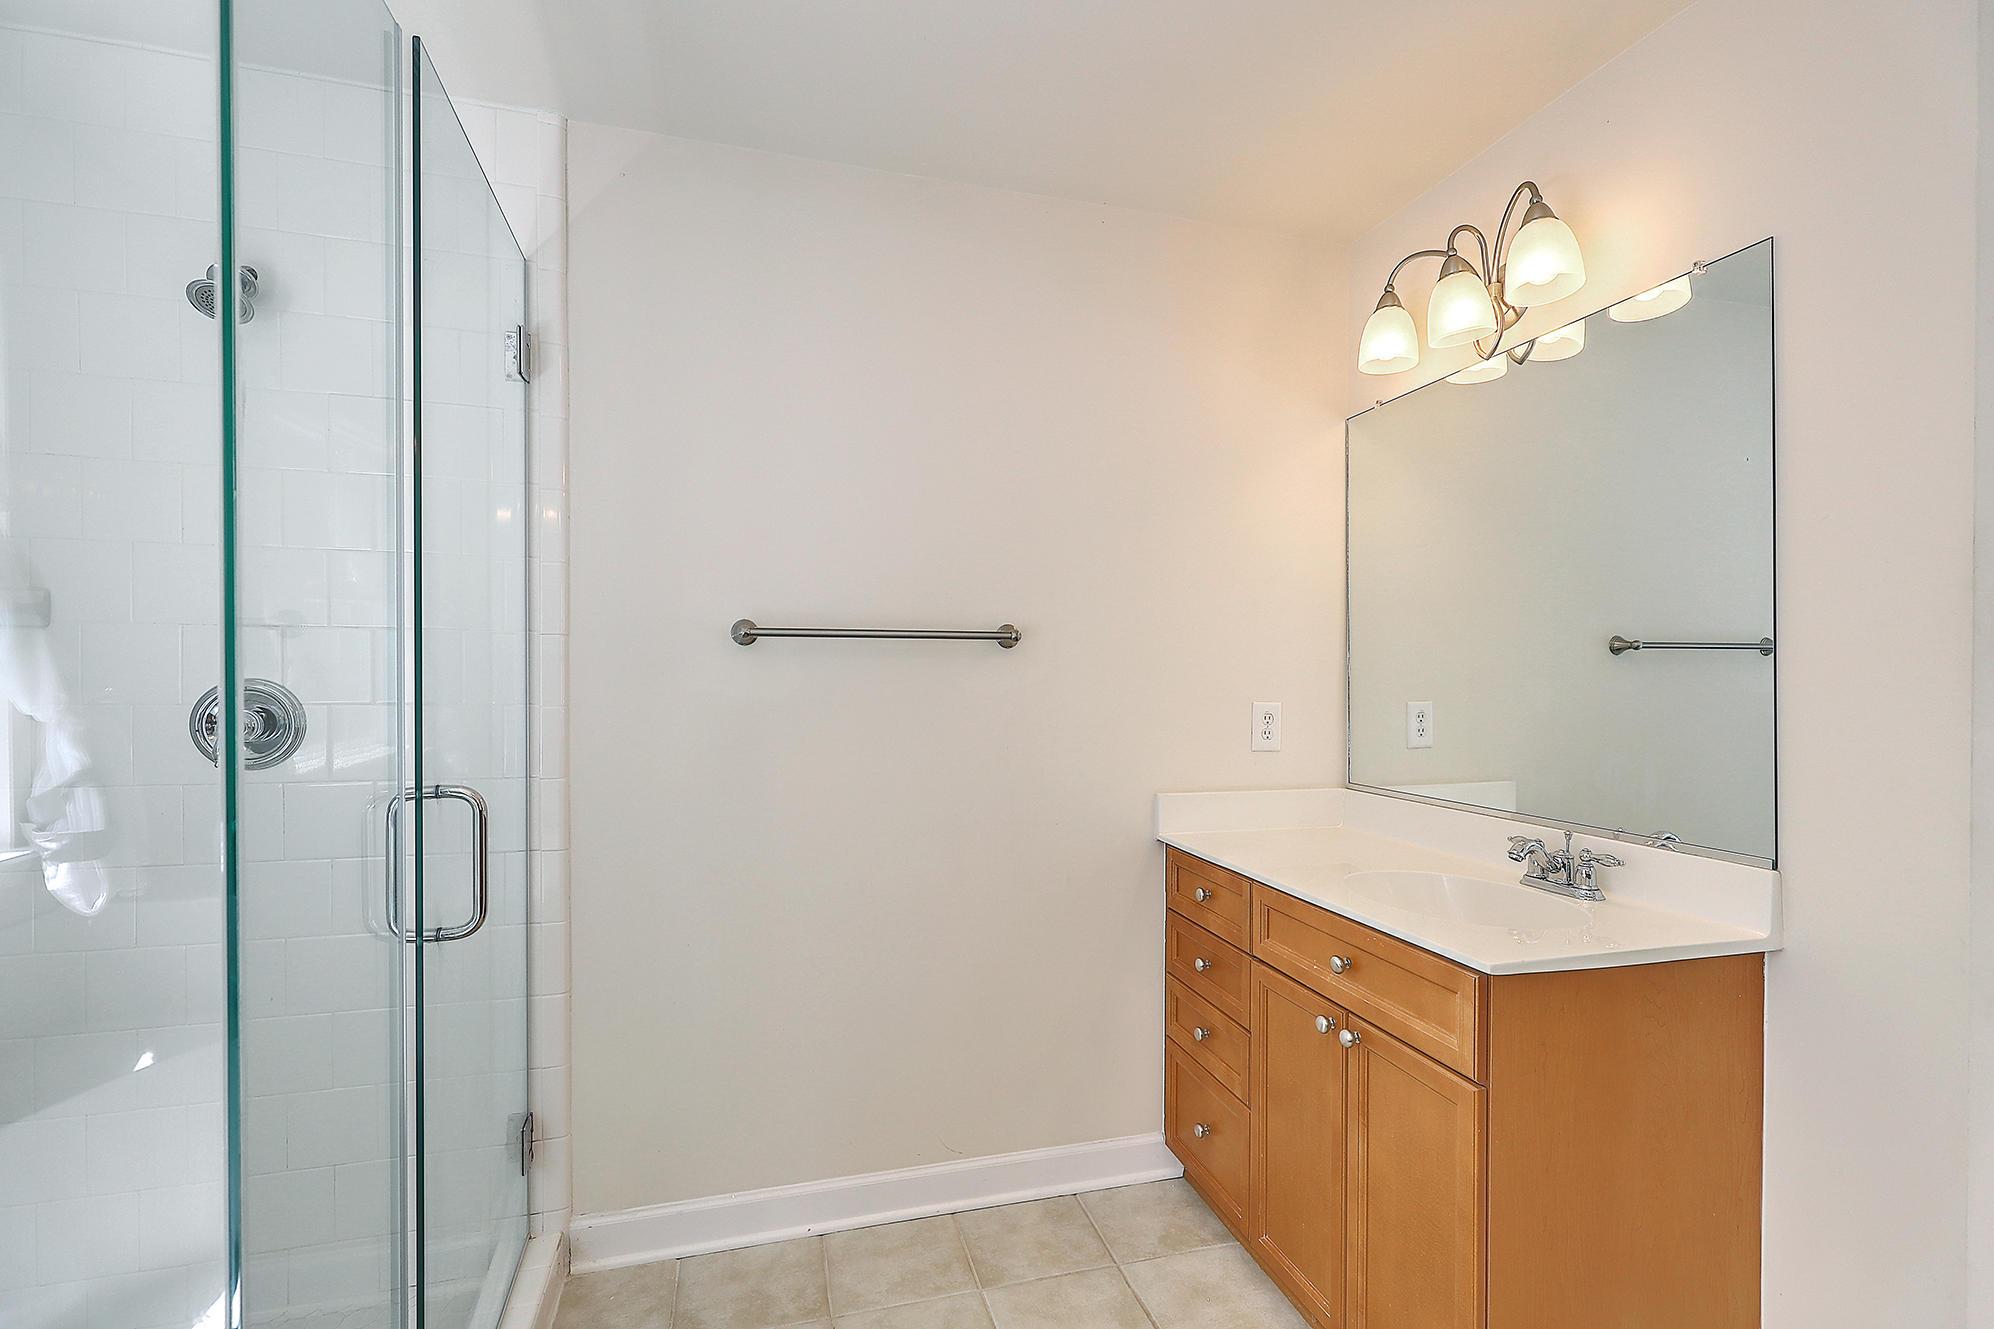 Kensington at Park West Homes For Sale - 3521 Claremont, Mount Pleasant, SC - 23